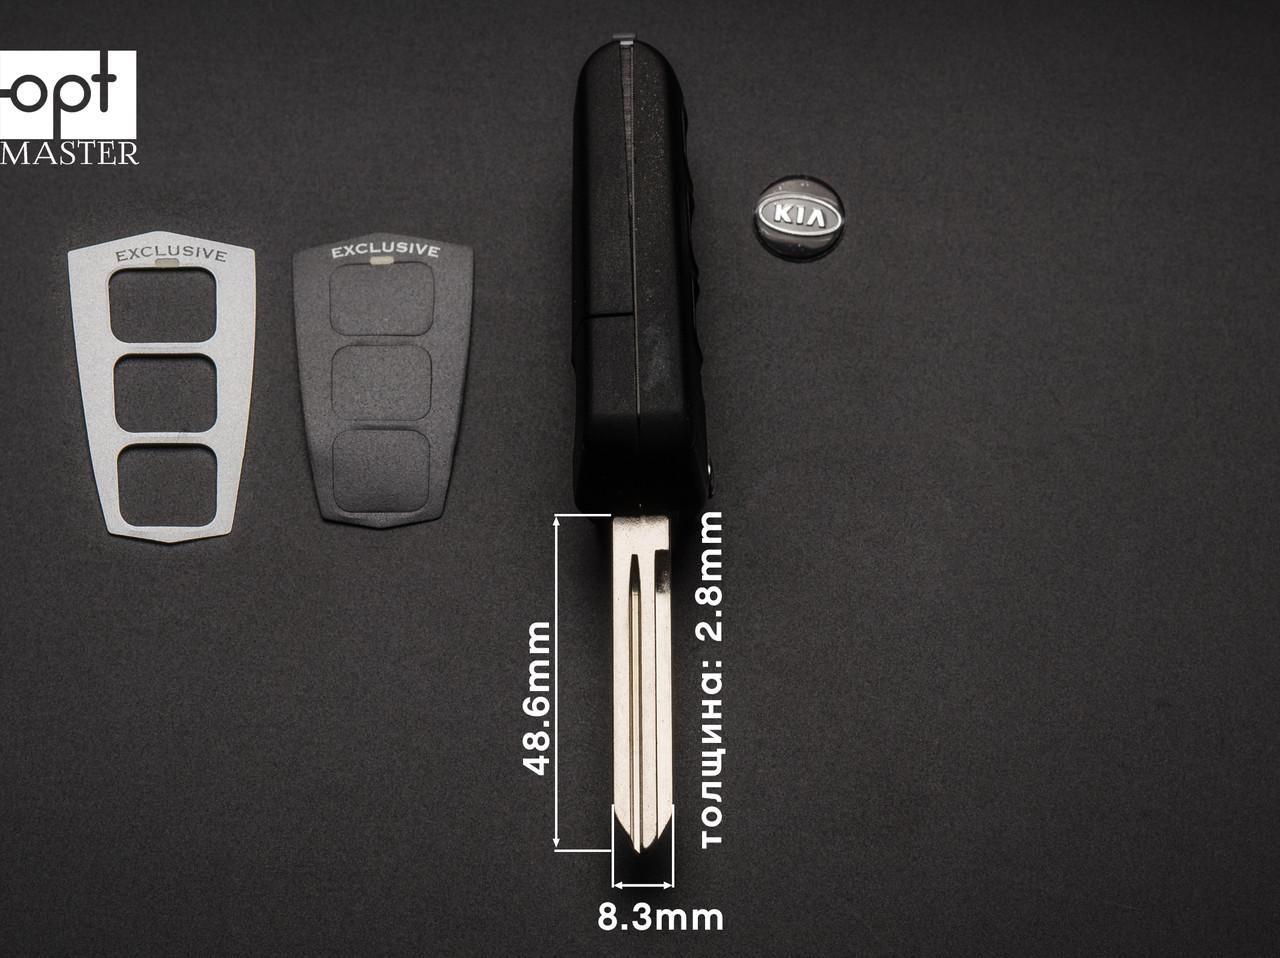 Заготовка KIA CARENS выкидной ключ 3 кнопки (корпус)